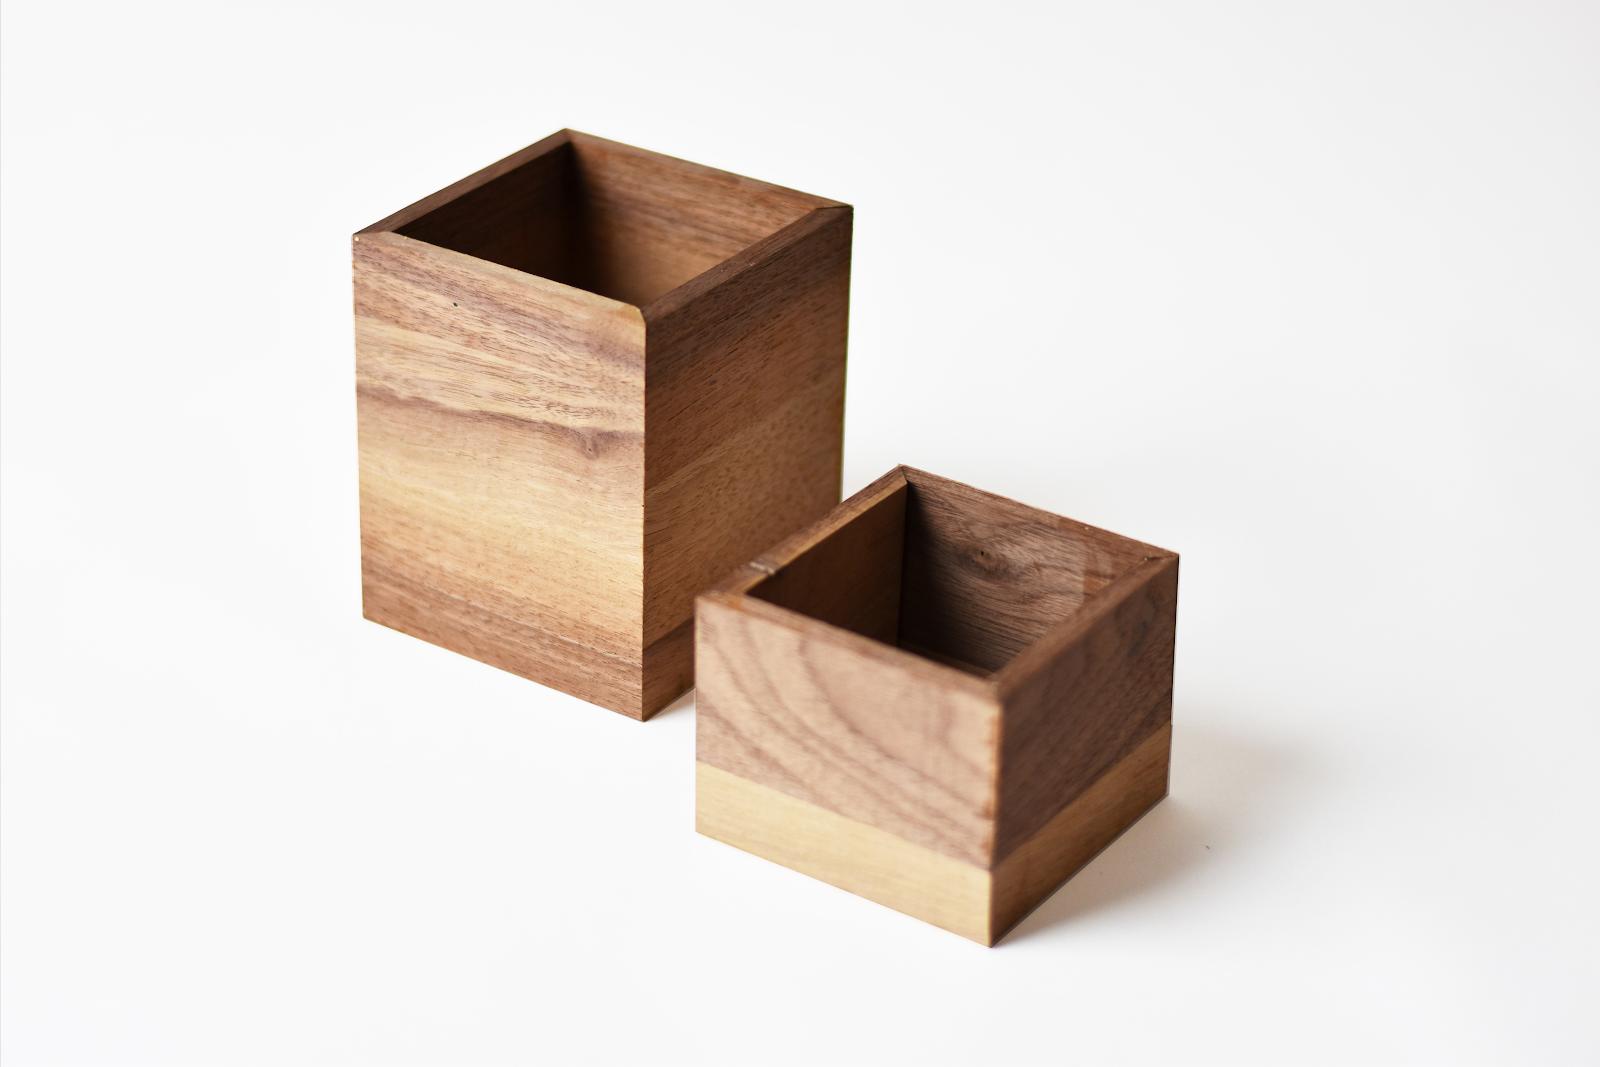 boite de rangement, boite en bois, cube en bois, cube de rangement montessori, rangement jeux enfant, rangement jouets enfants